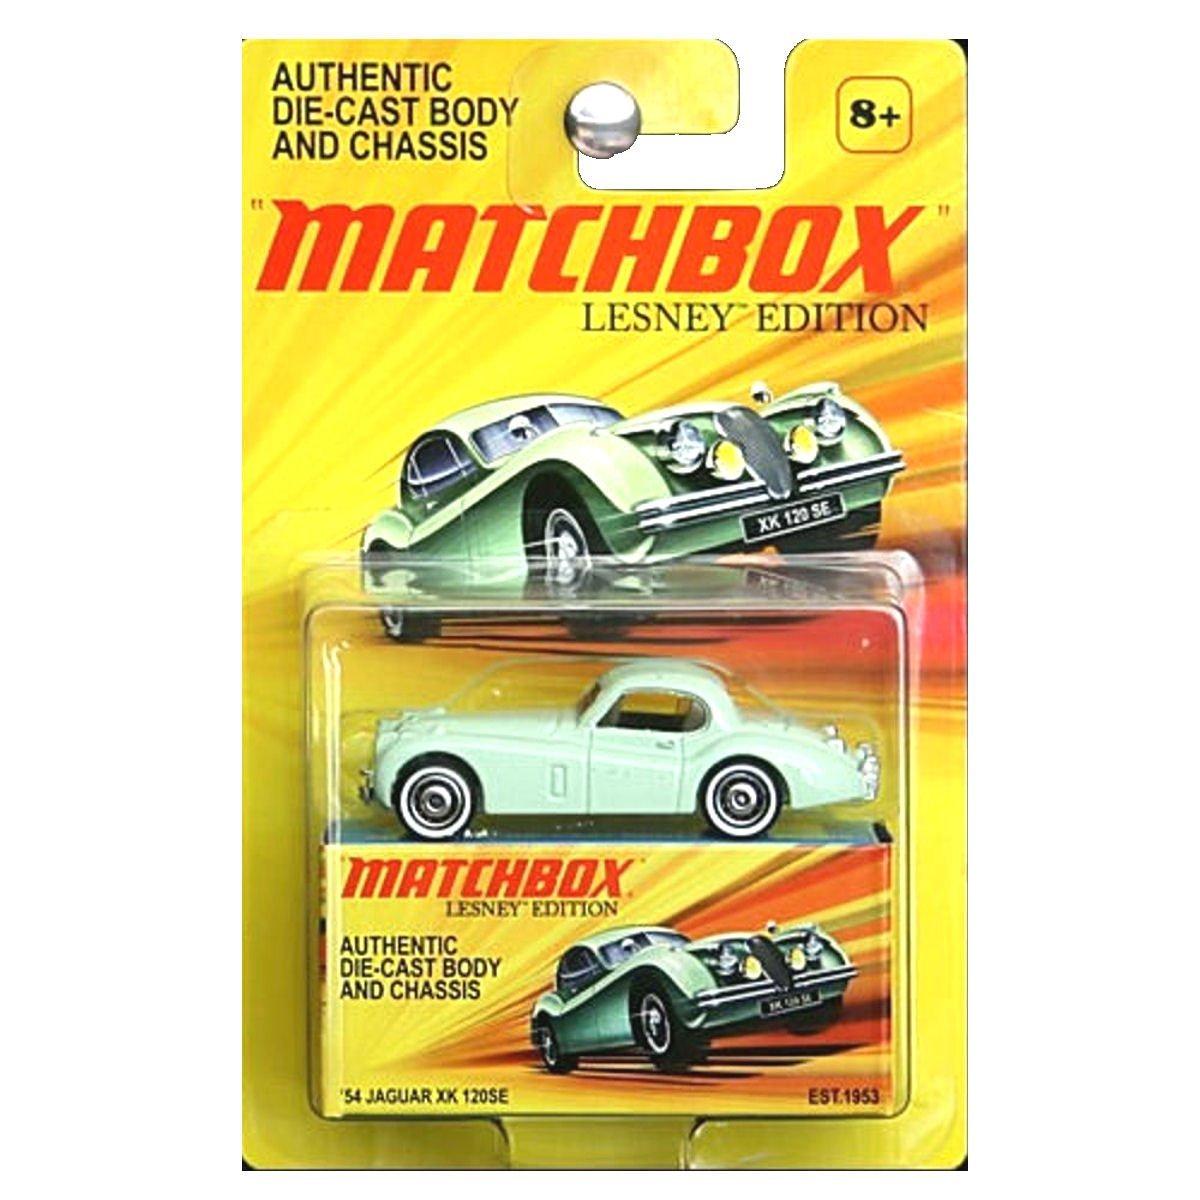 2010 Lesney Edition '54 Jaguar XK 120SE Die-Cast, Matchbox By Matchbox by